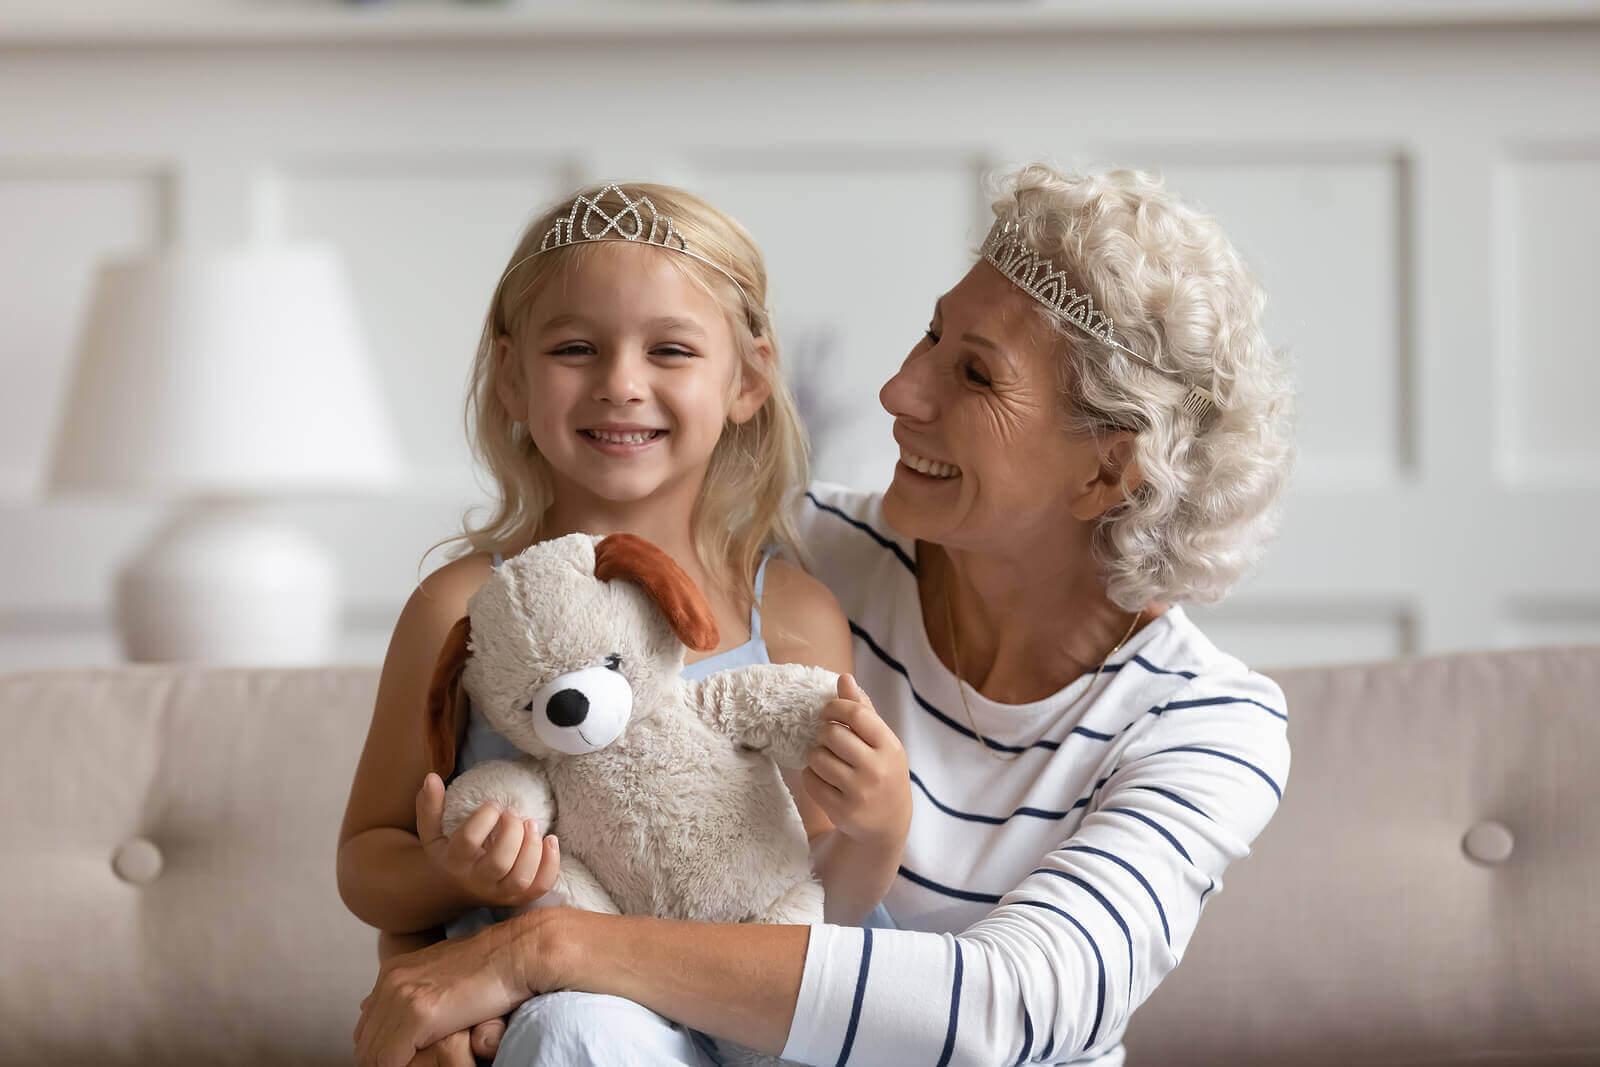 godkännande från andra: mormor och barn är uppklädda